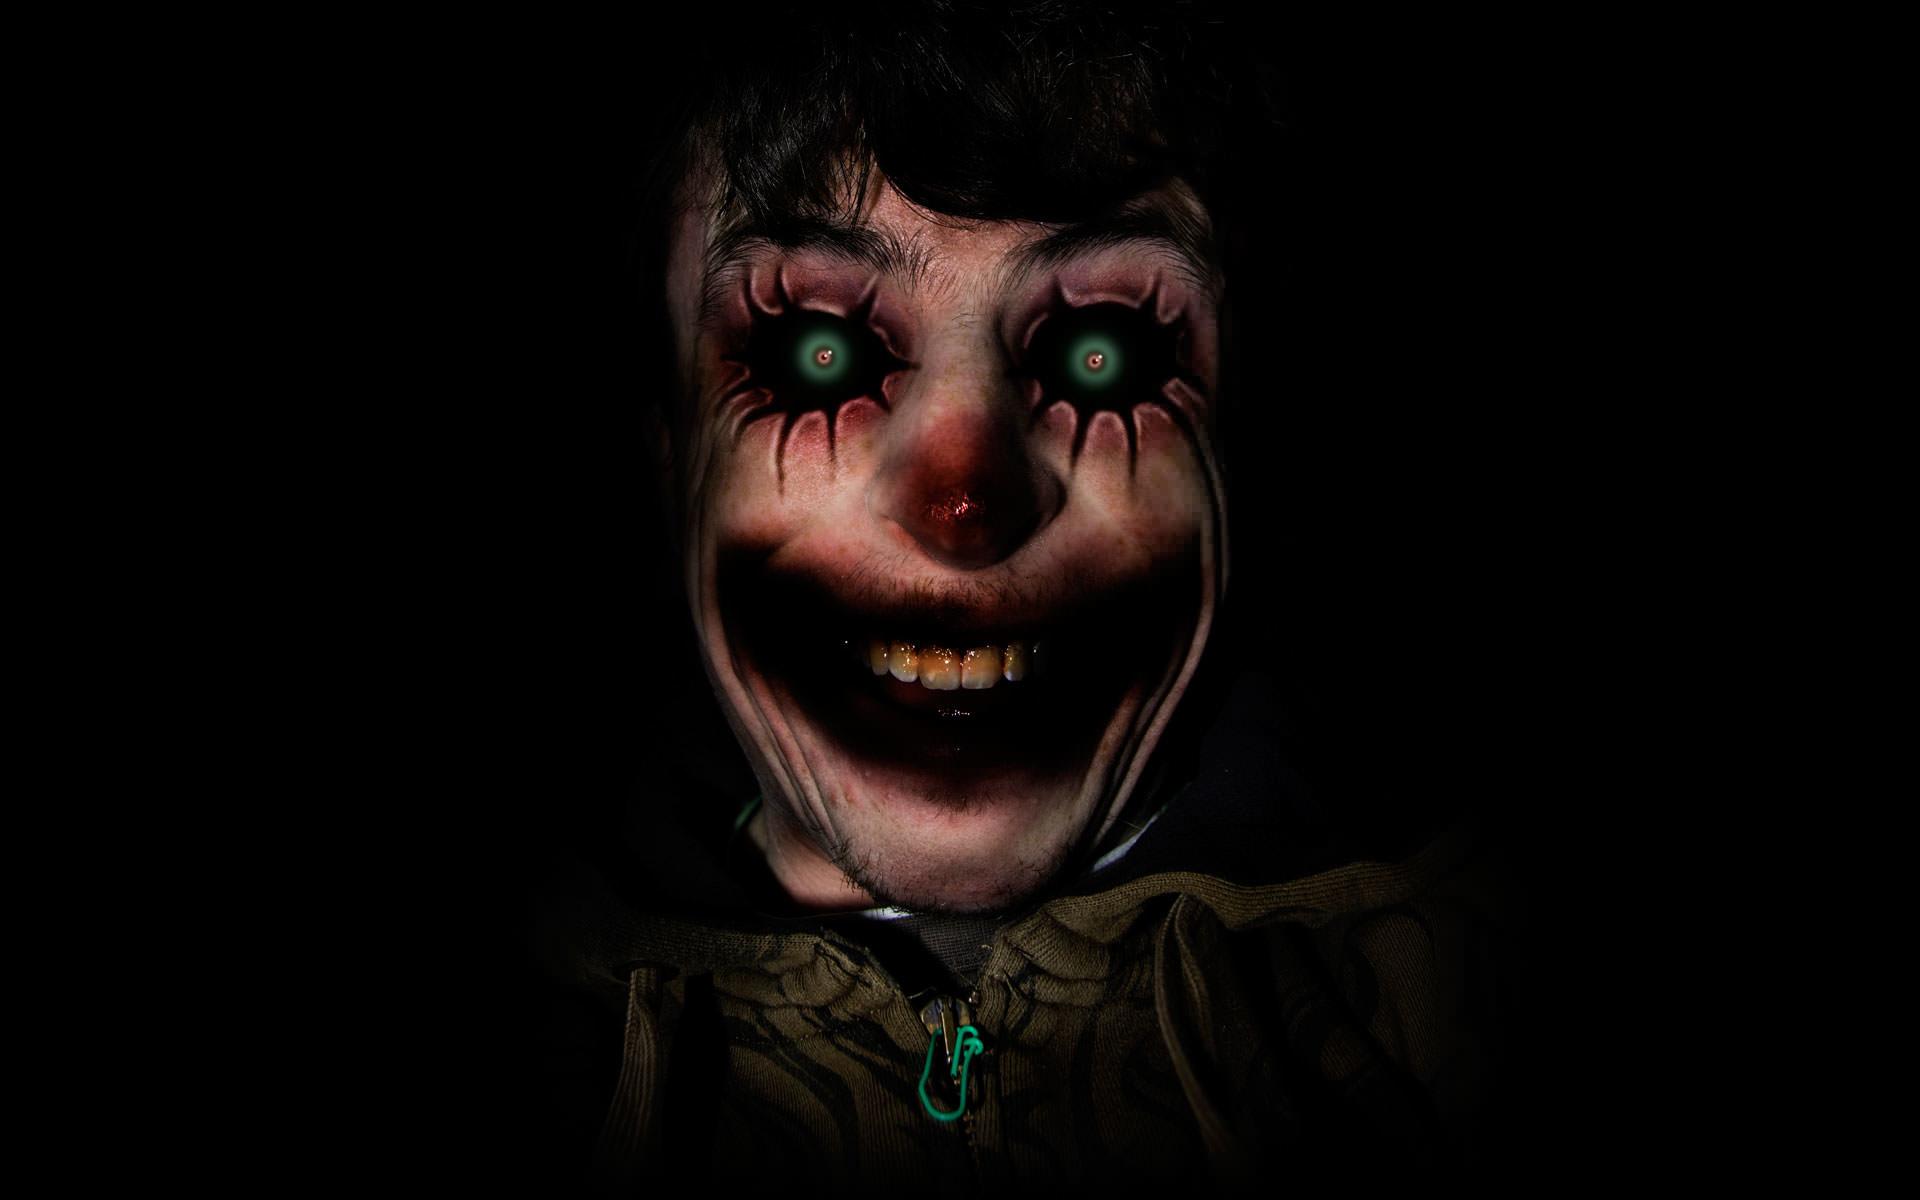 Terror, but it's just a clown.